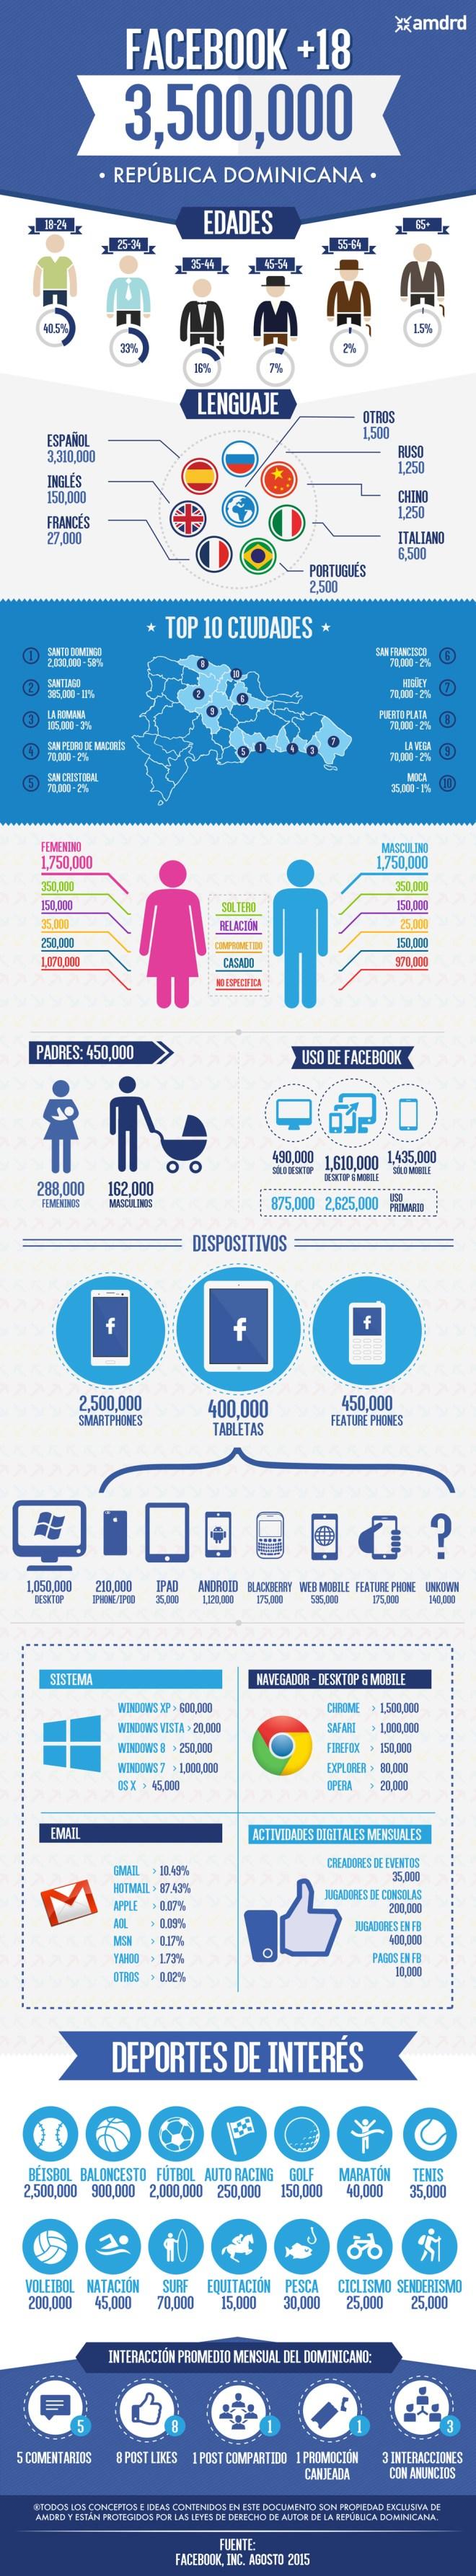 FaceBook en la República Dominicana